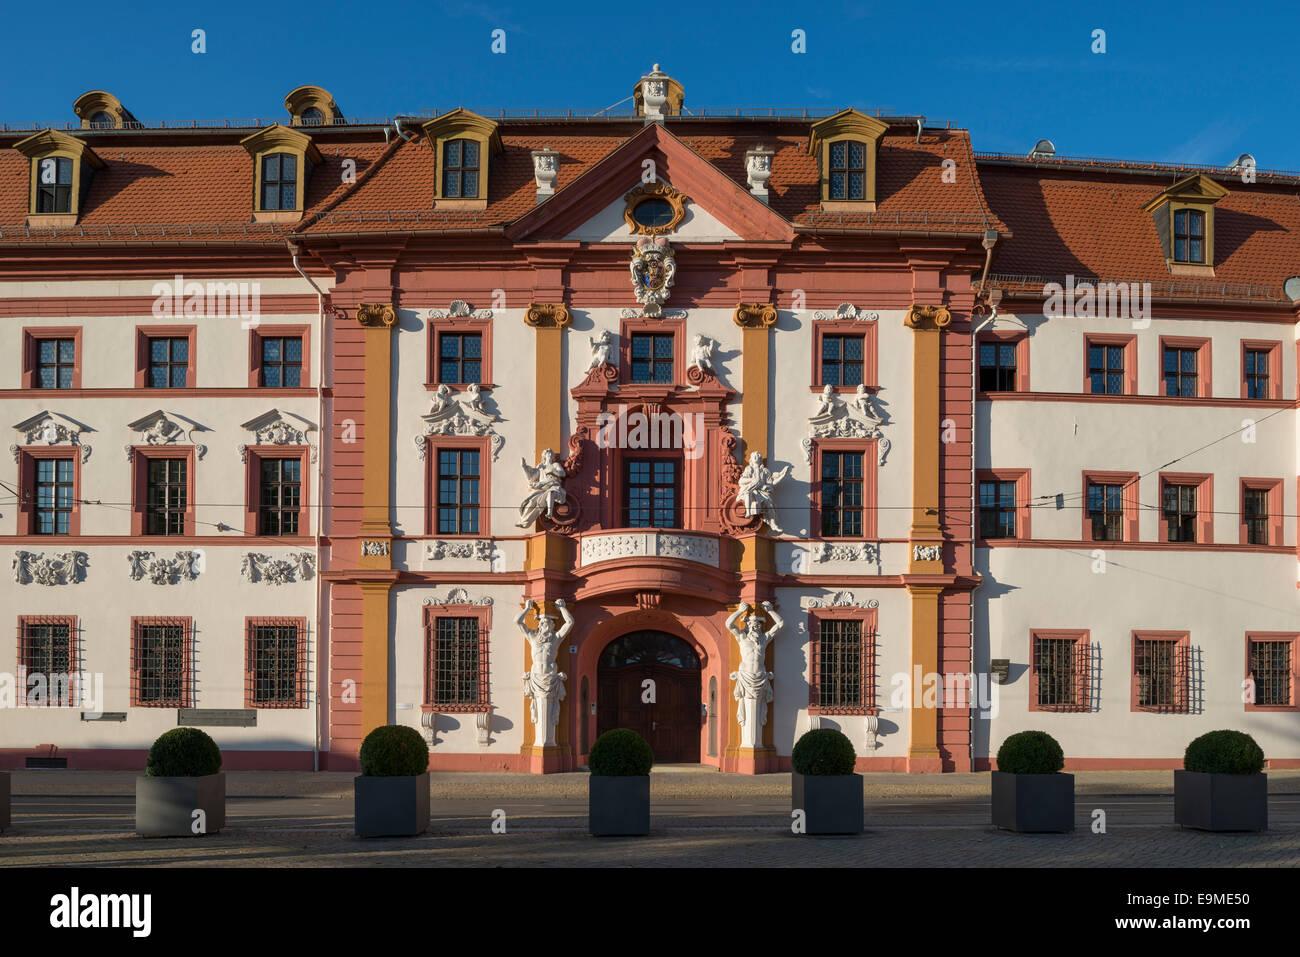 Chancellerie d'état de Thuringe, centre historique, Erfurt, Thuringe, Allemagne Photo Stock